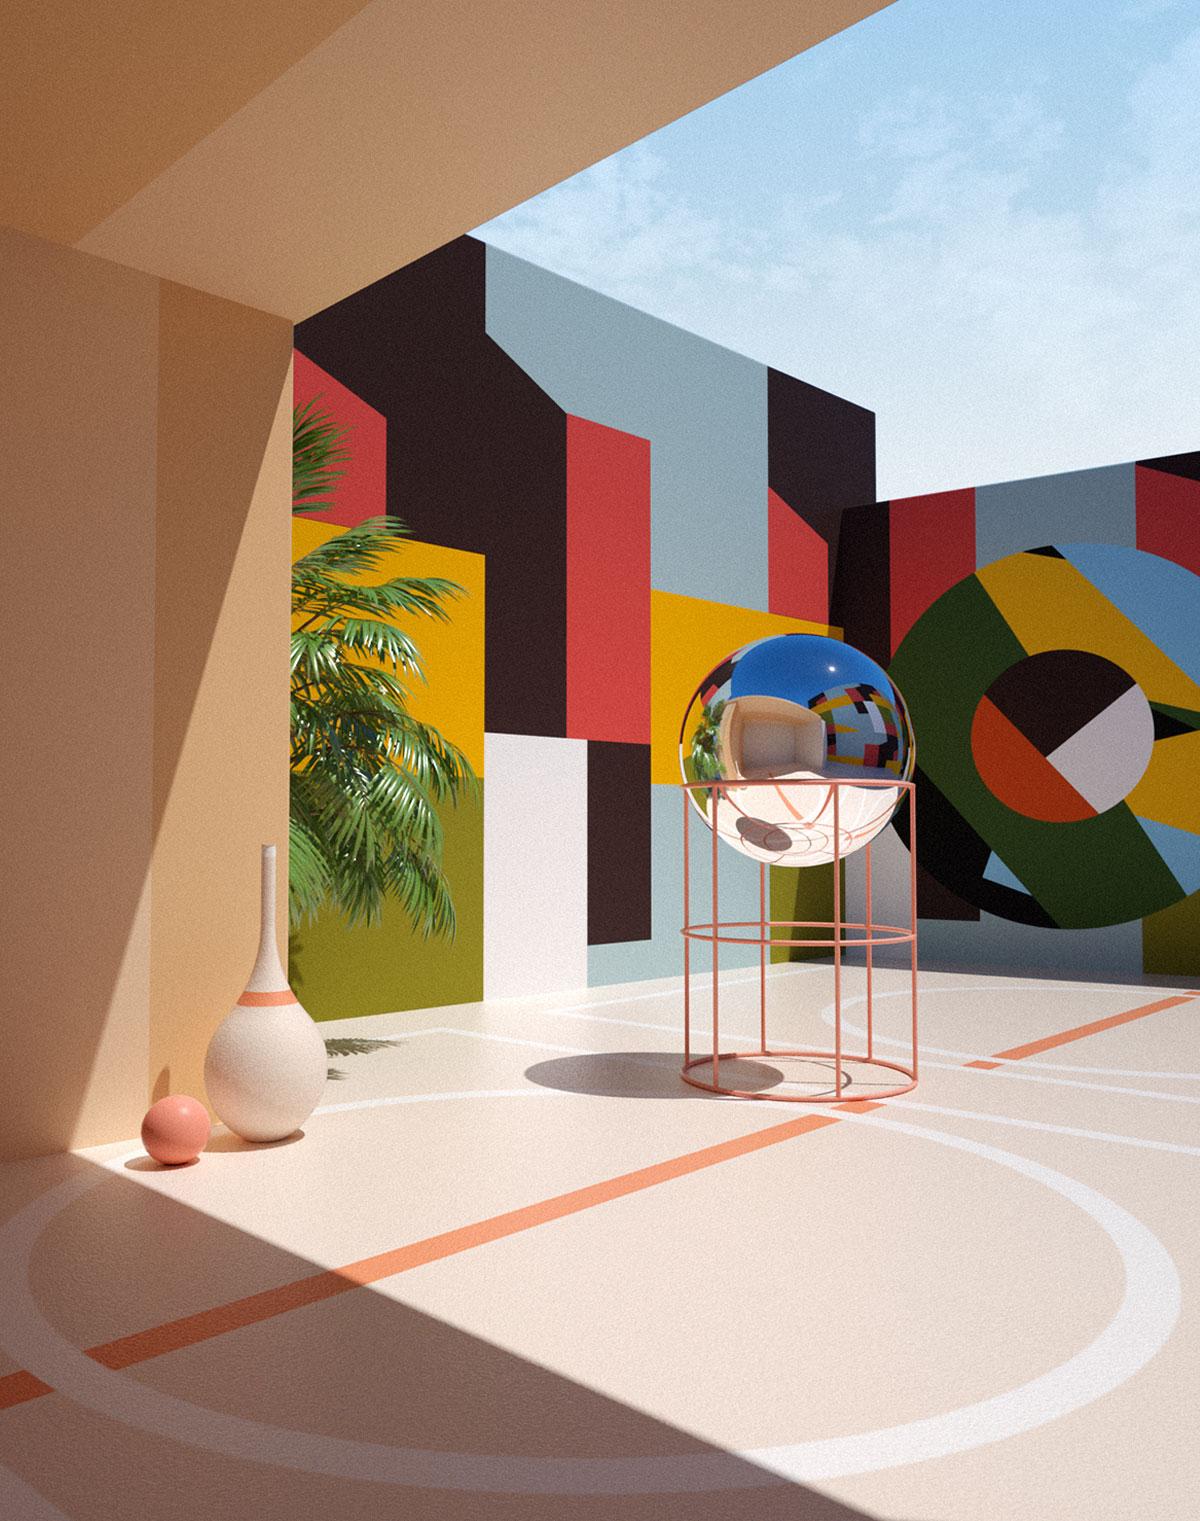 Muros de figuras multicolor con escultura de esfera transparente.